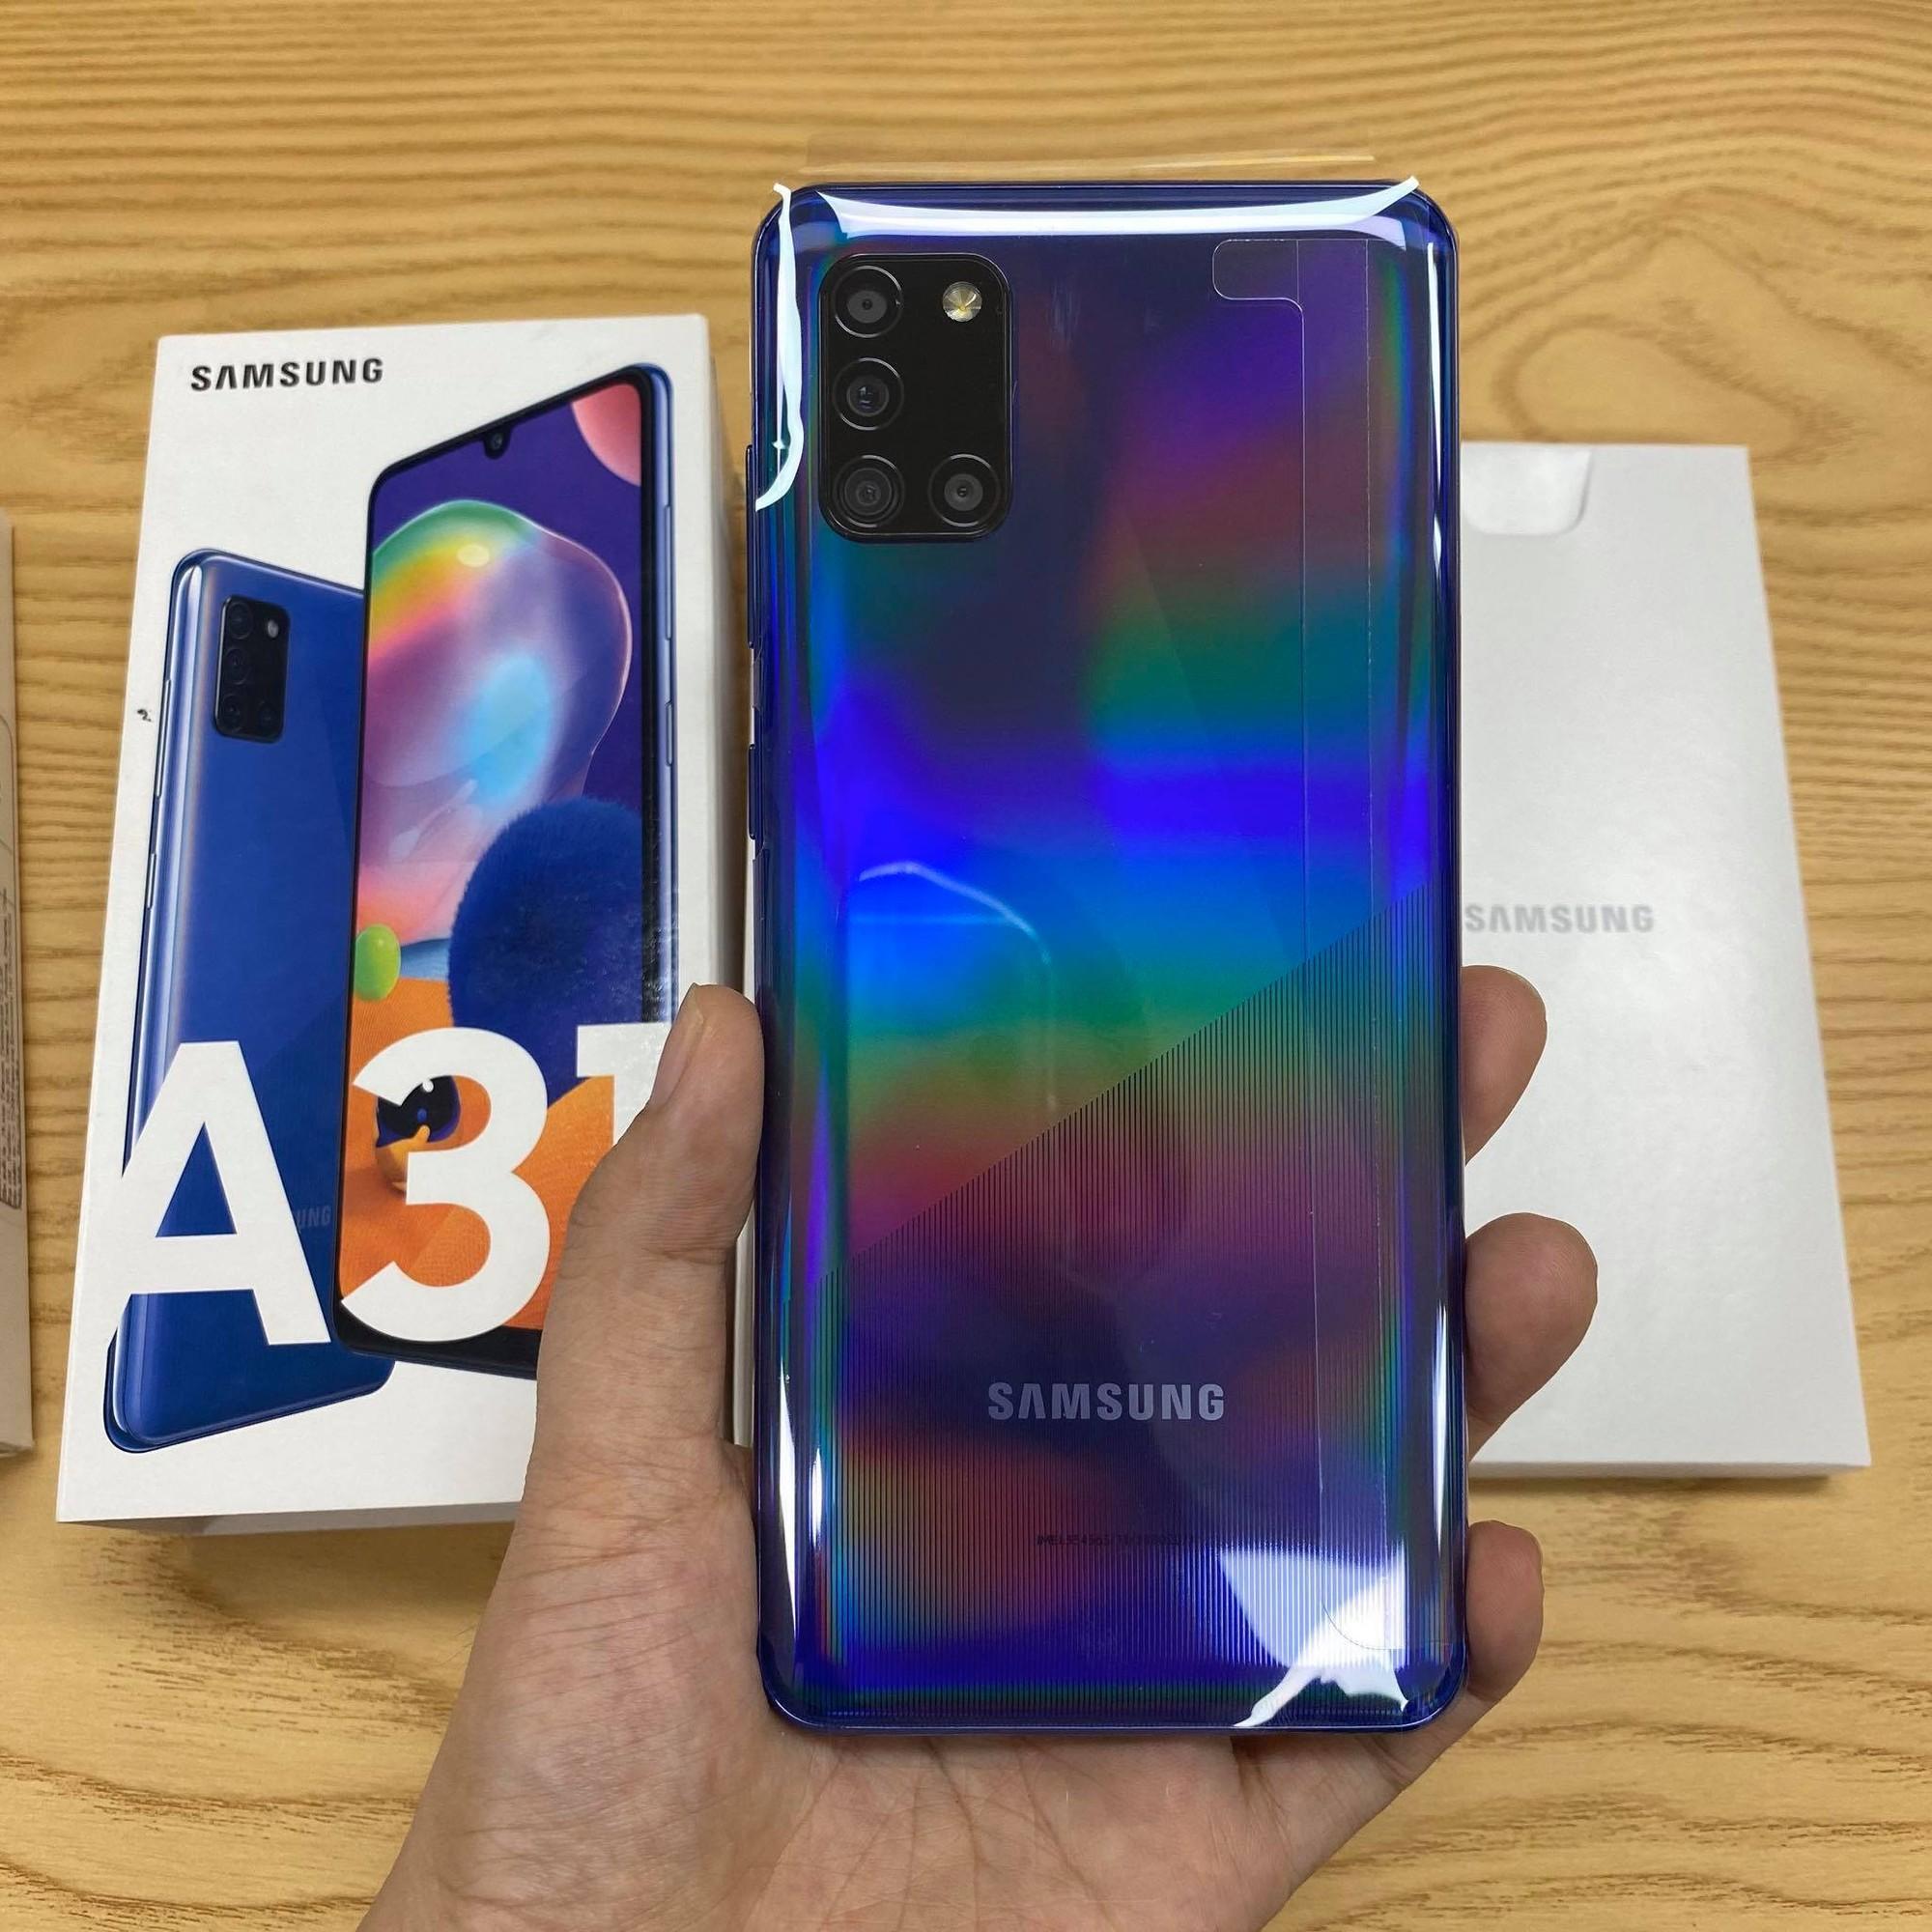 Mua Galaxy A31 chính hãng giá rẻ tại MinMobile